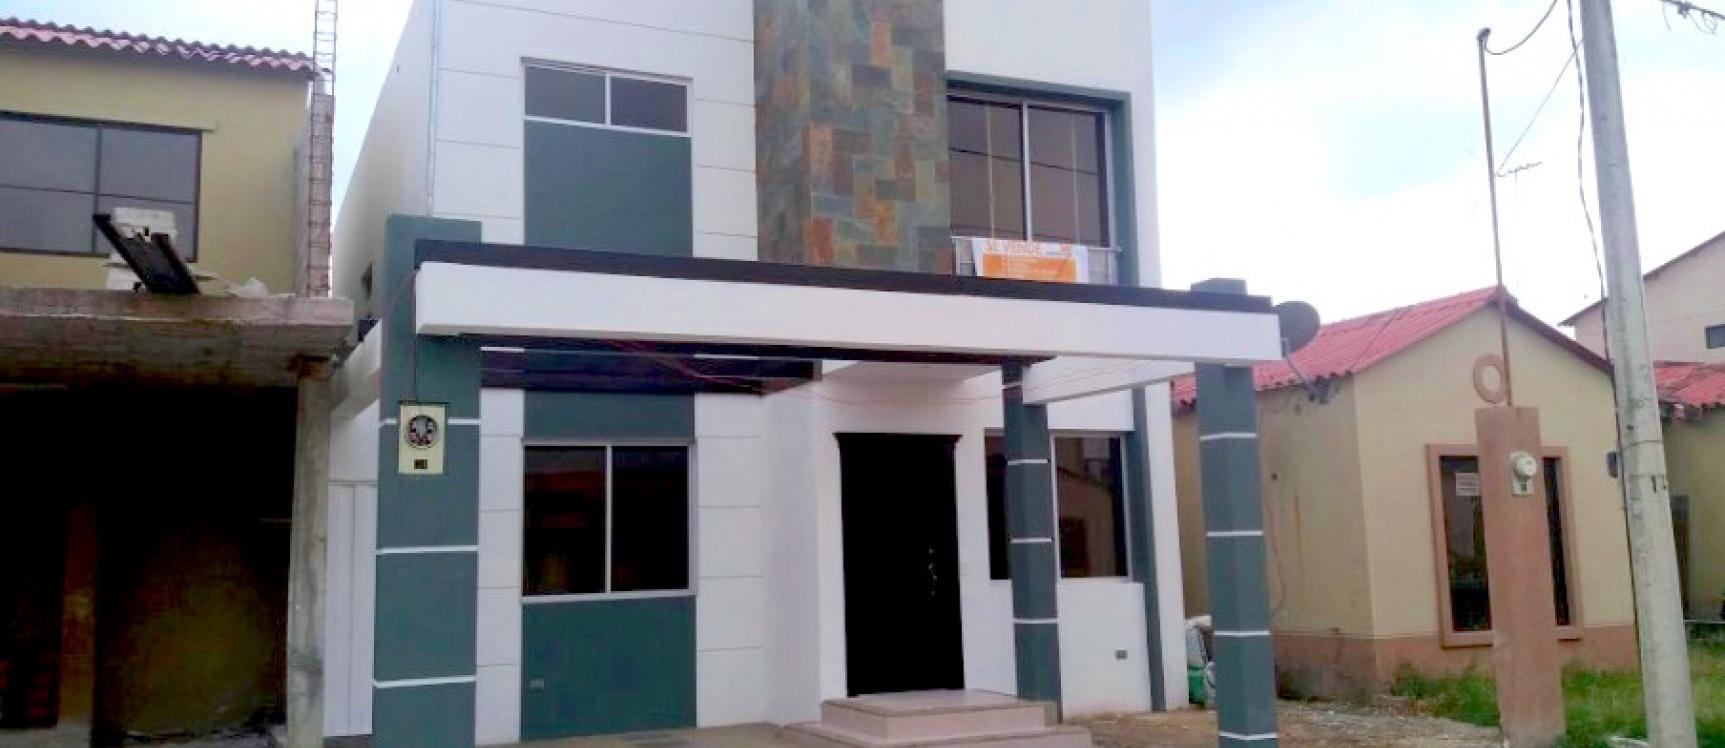 Casa de venta en villaclub samborond n con acabados de - Tecnologia in casa ...